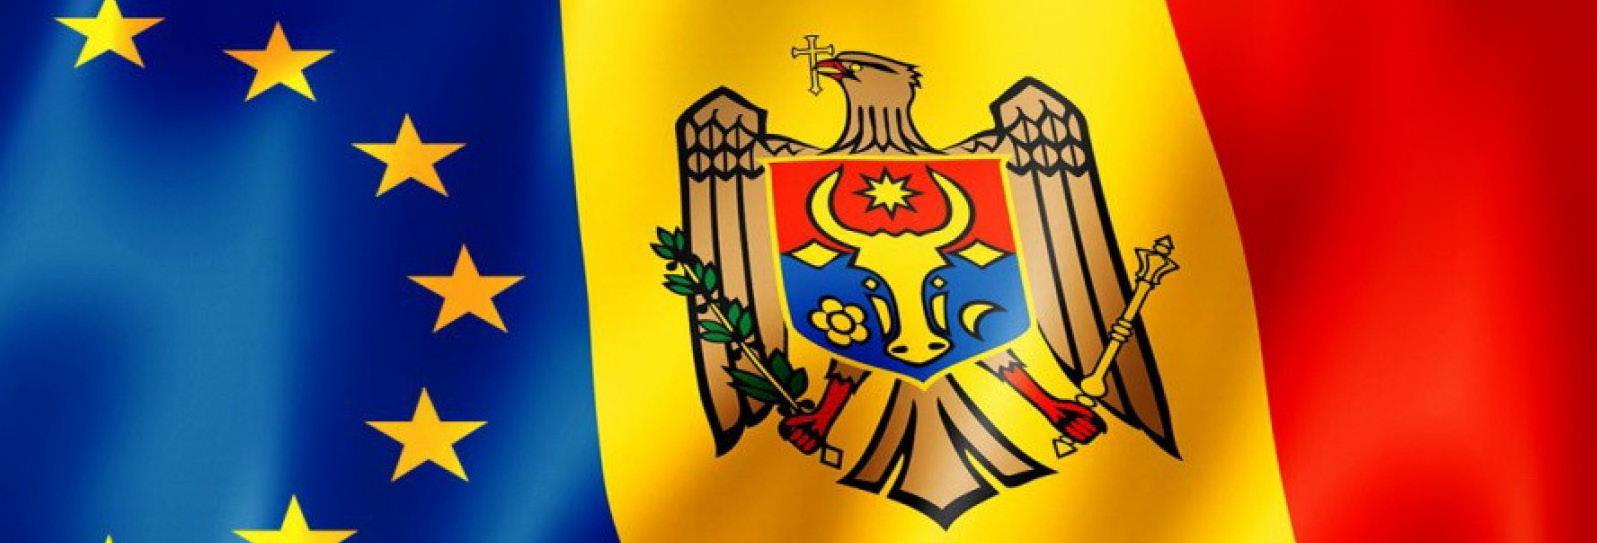 Page 25 of Un nou proiect finanţat de UE ce sprijină implementarea Acordului de Asociere își începe activitatea în Republica Moldova